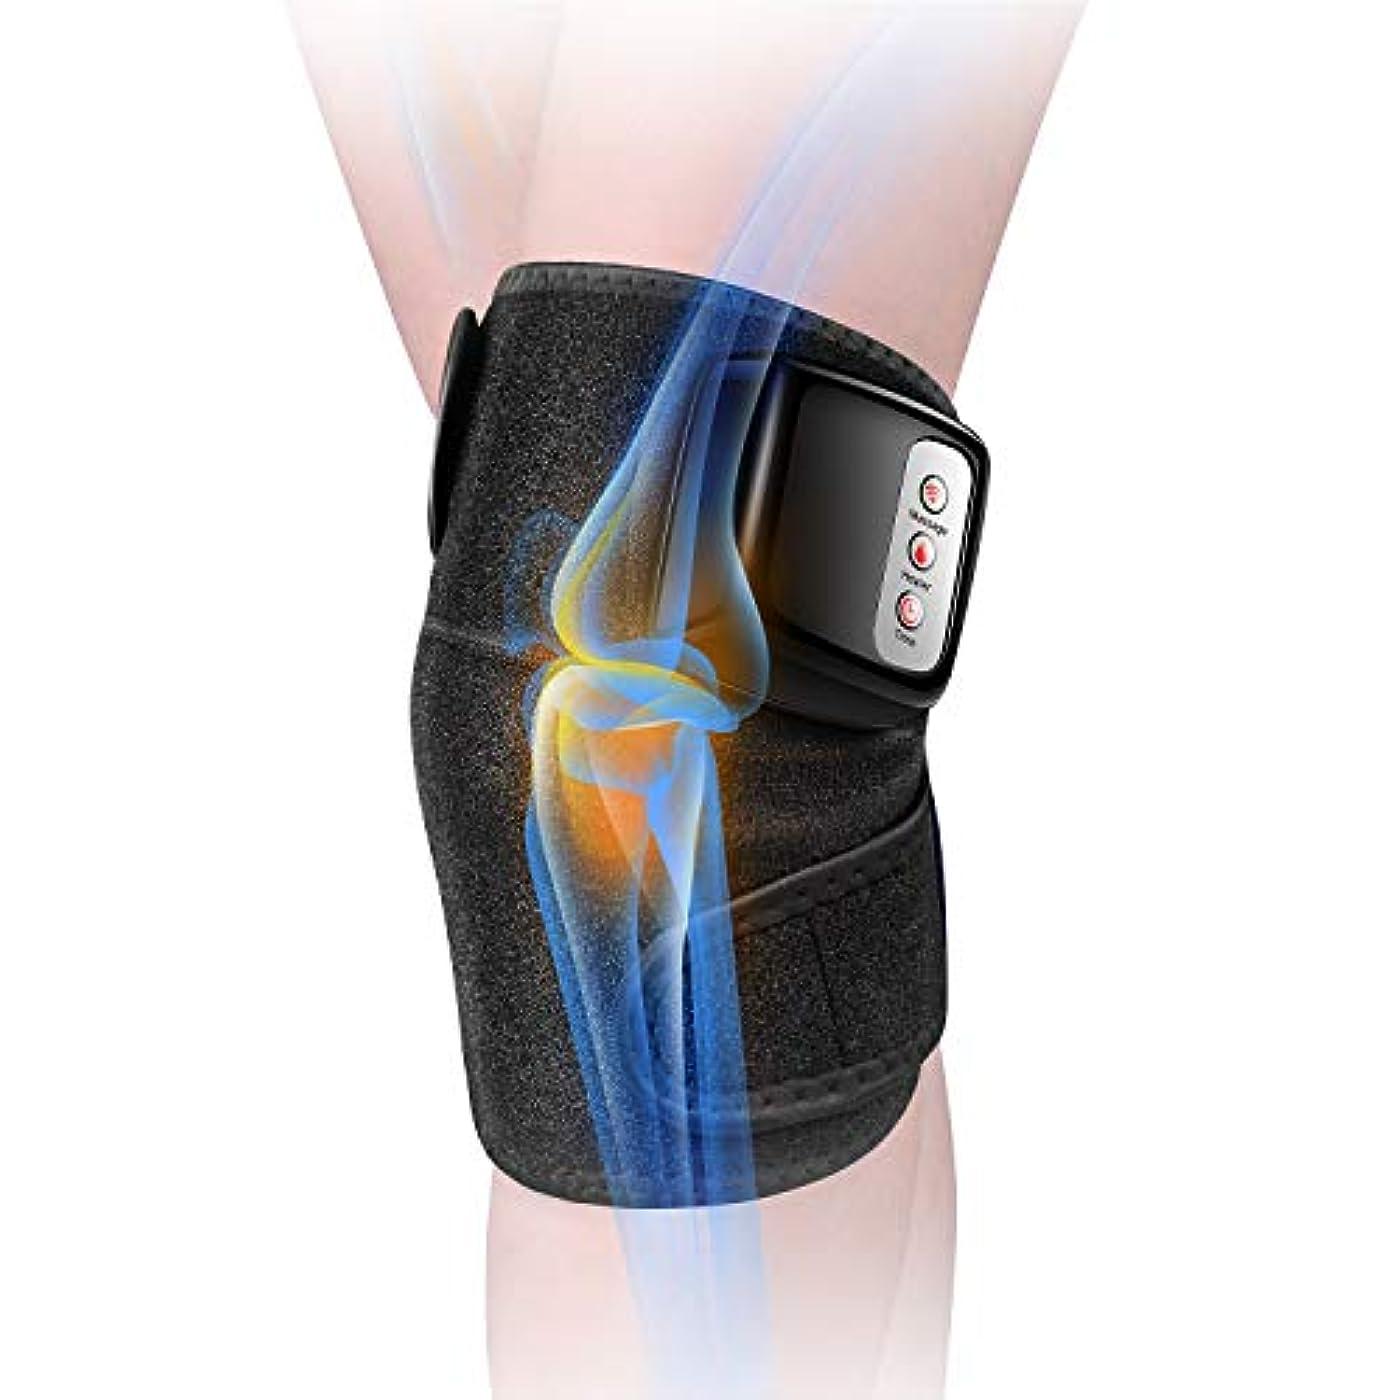 広範囲に体操選手教育者マッサージ器 フットマッサージャー 膝マッサージャー ひざ 太もも 腕 肩 肘 ヒーター付き 振動 マッサージ機 レッグマッサージャー 通気性 赤外線療法 膝サポーター ストレス解消 温熱マッサージ